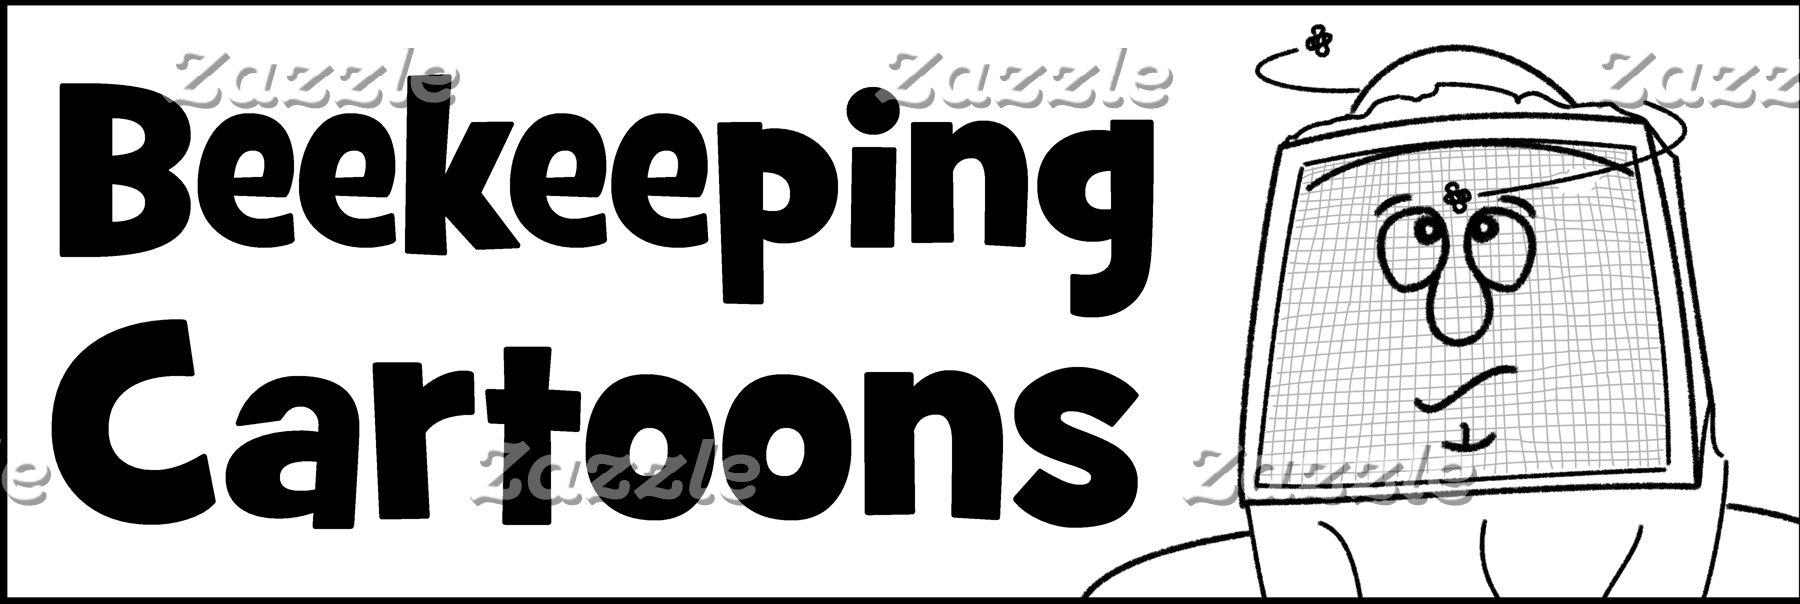 Beekeeping Cartoons